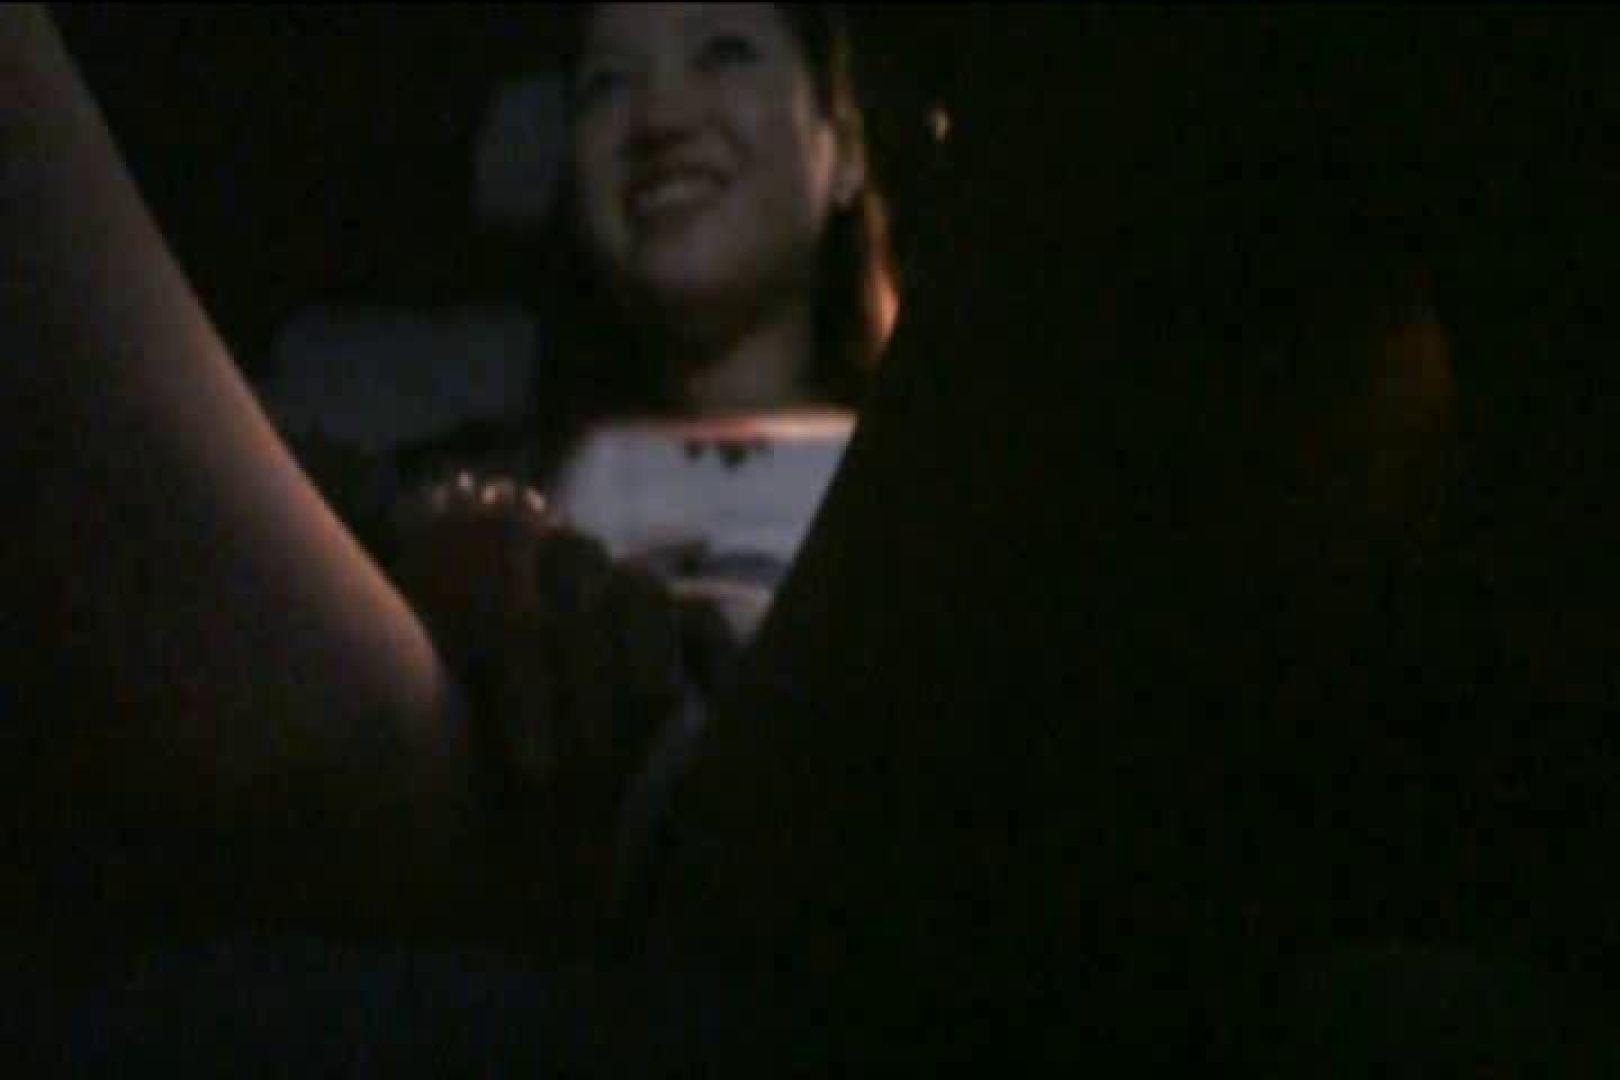 車内で初めまして! vol01 盗撮シリーズ オメコ無修正動画無料 102PIX 74